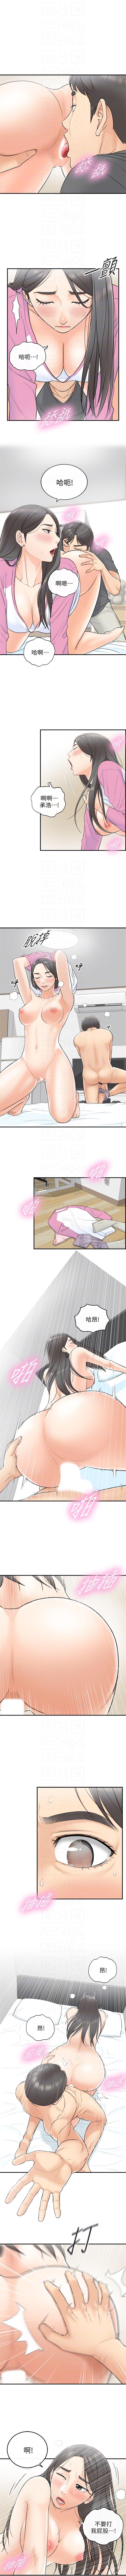 (週5)正妹小主管 1-39 中文翻譯(更新中) 14